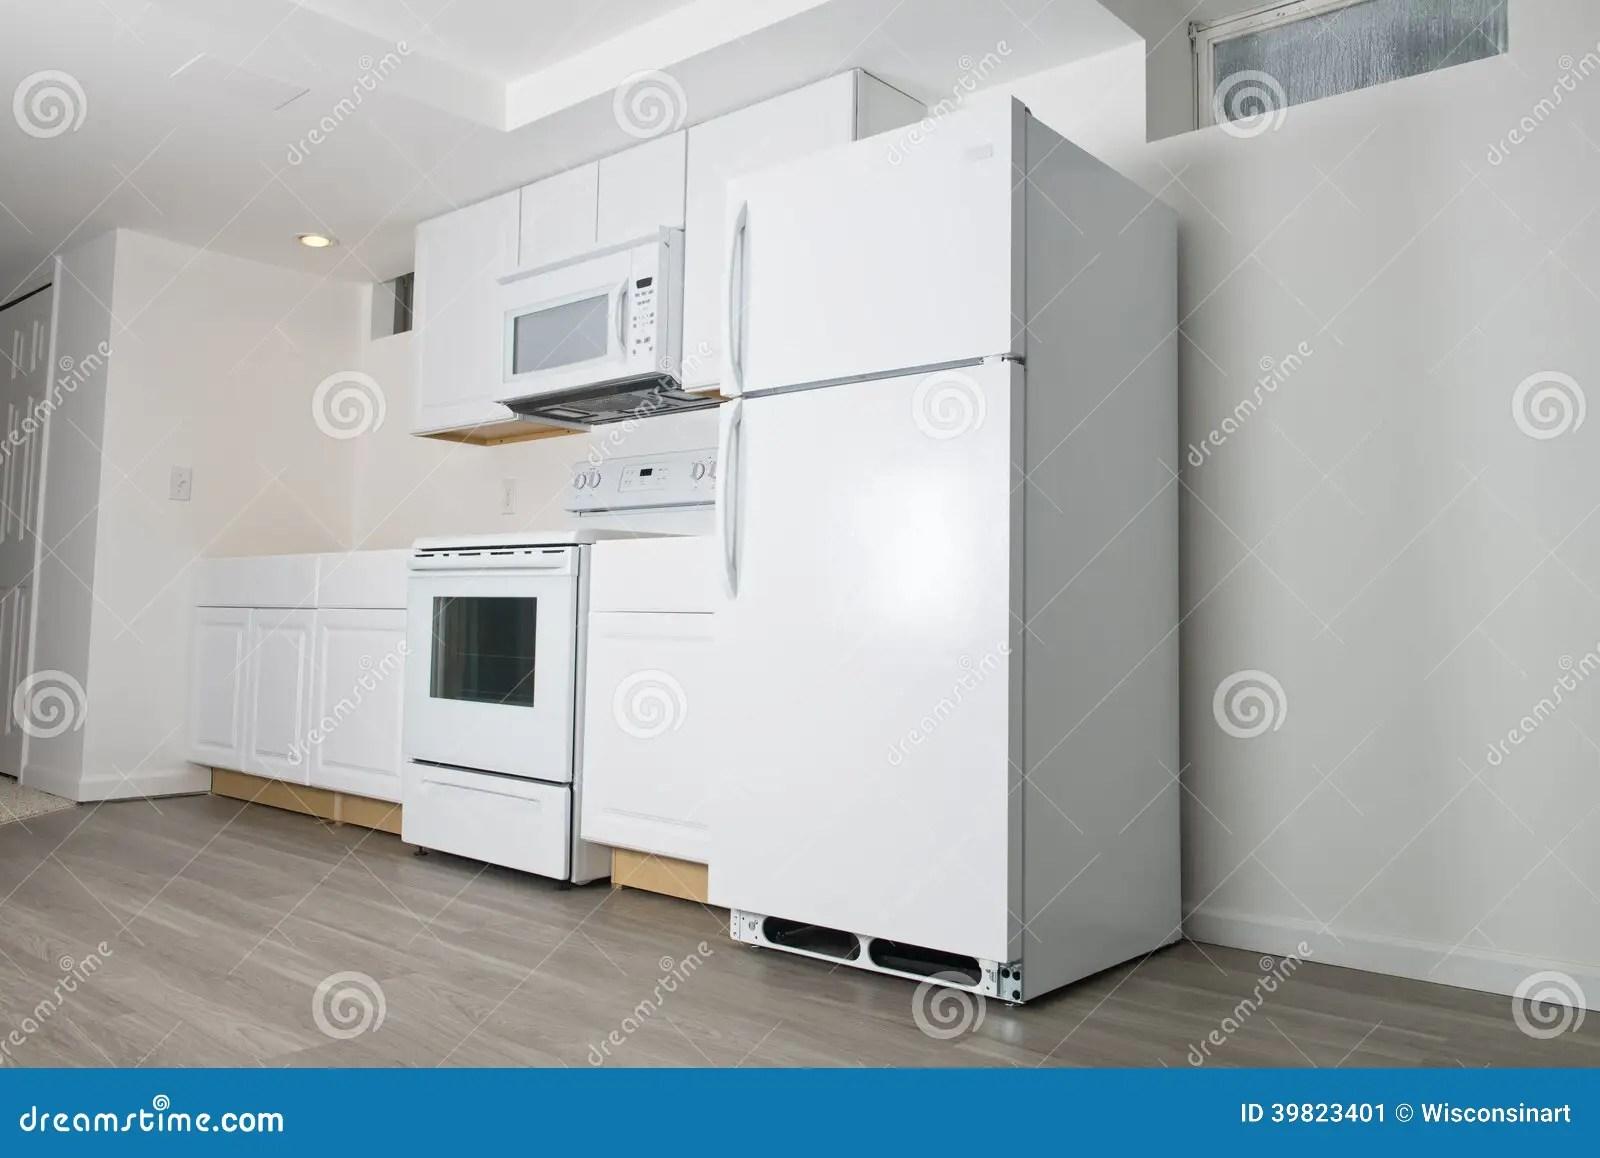 remodel a kitchen kitchens for less 新的白色厨房改造 住所改善库存图片 图片包括有改善 火炉 改造 急性 住所改善